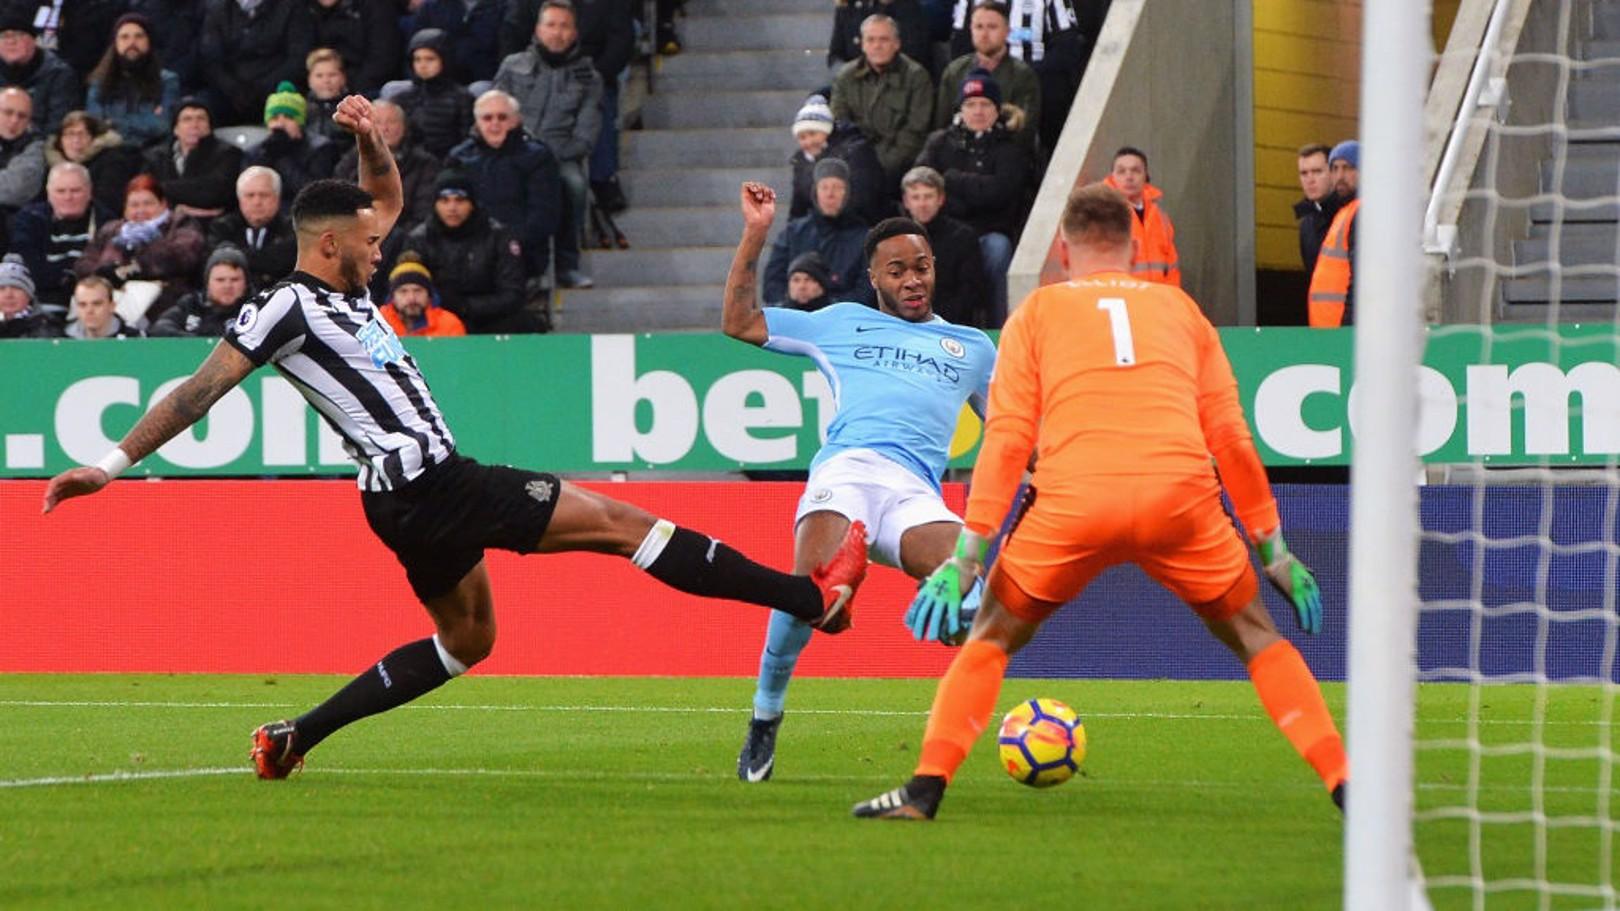 رحيم سترلينج لحظة تسجيل هدفه رقم 13 في الدوري الإنجليزي الممتاز هذا الموسم.